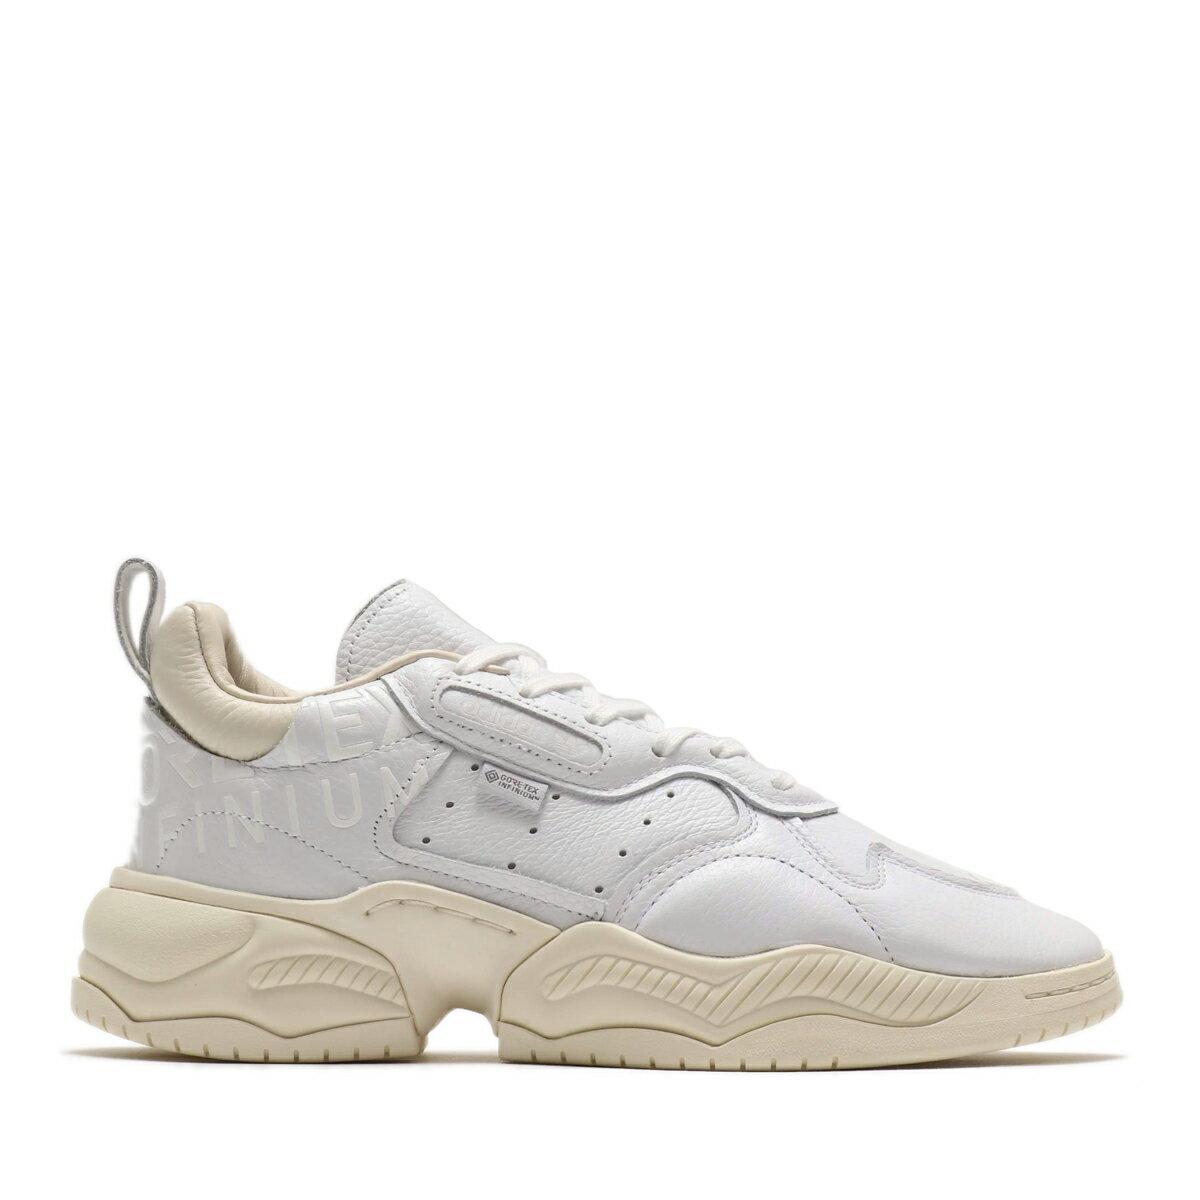 メンズ靴, スニーカー adidas SUPERCOURT RX GORE-TEX(RUNNING WHITEOFF WHITECHORK WHITE)( RX)19FW-S